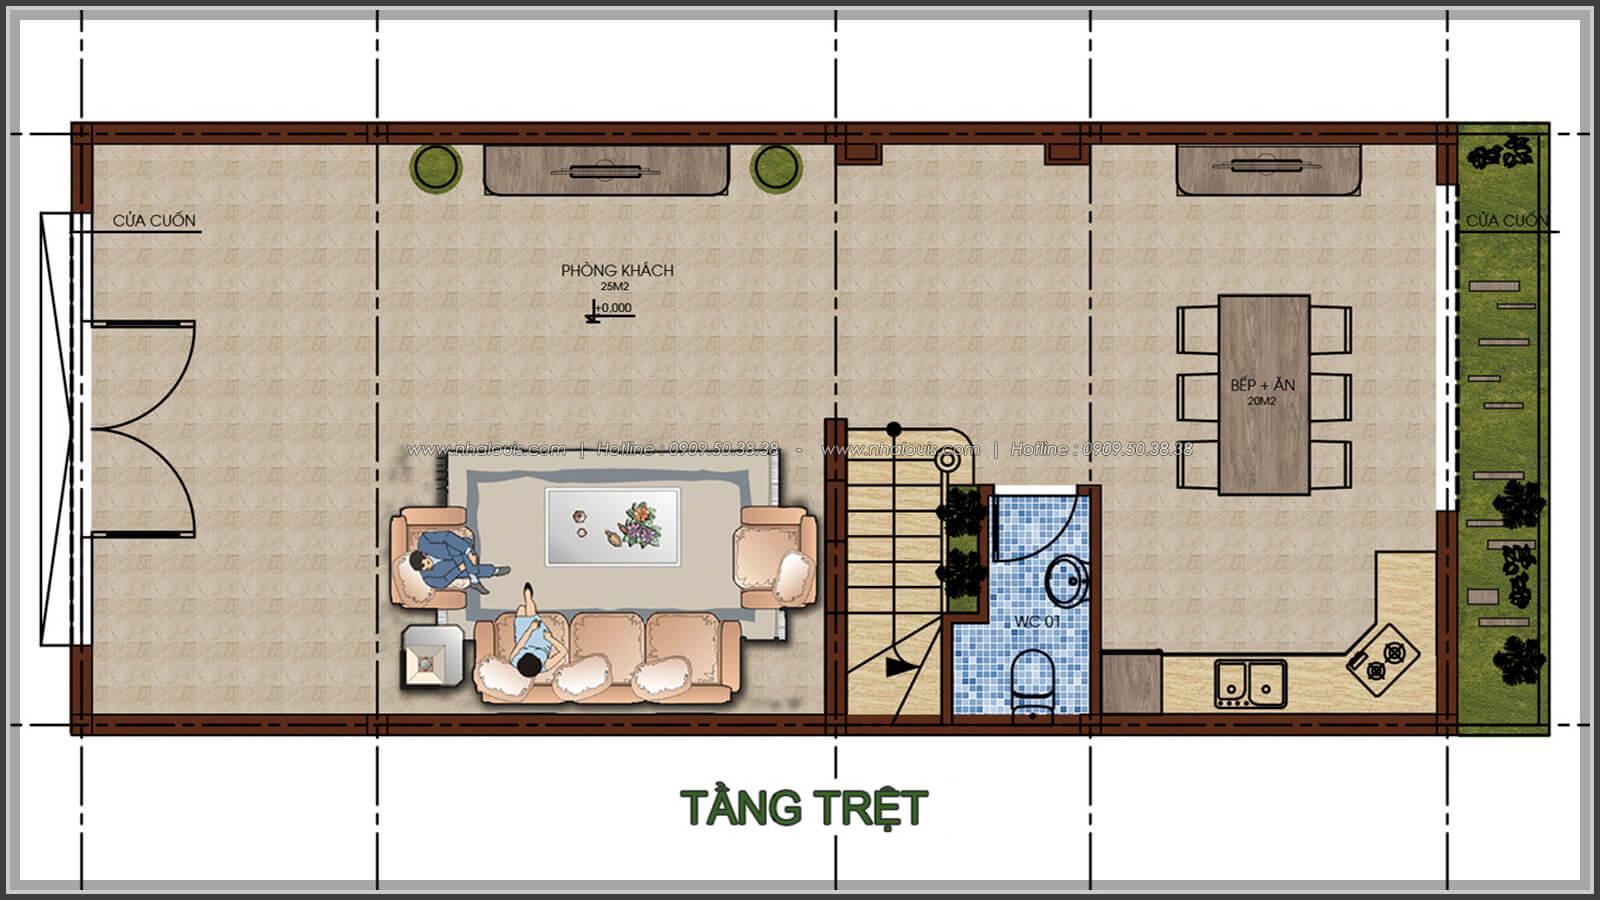 Mặt bằng tầng trệt Thiết kế nhà phố kiểu Pháp với mặt tiền 6m hoành tráng tại Bình Tân - 3